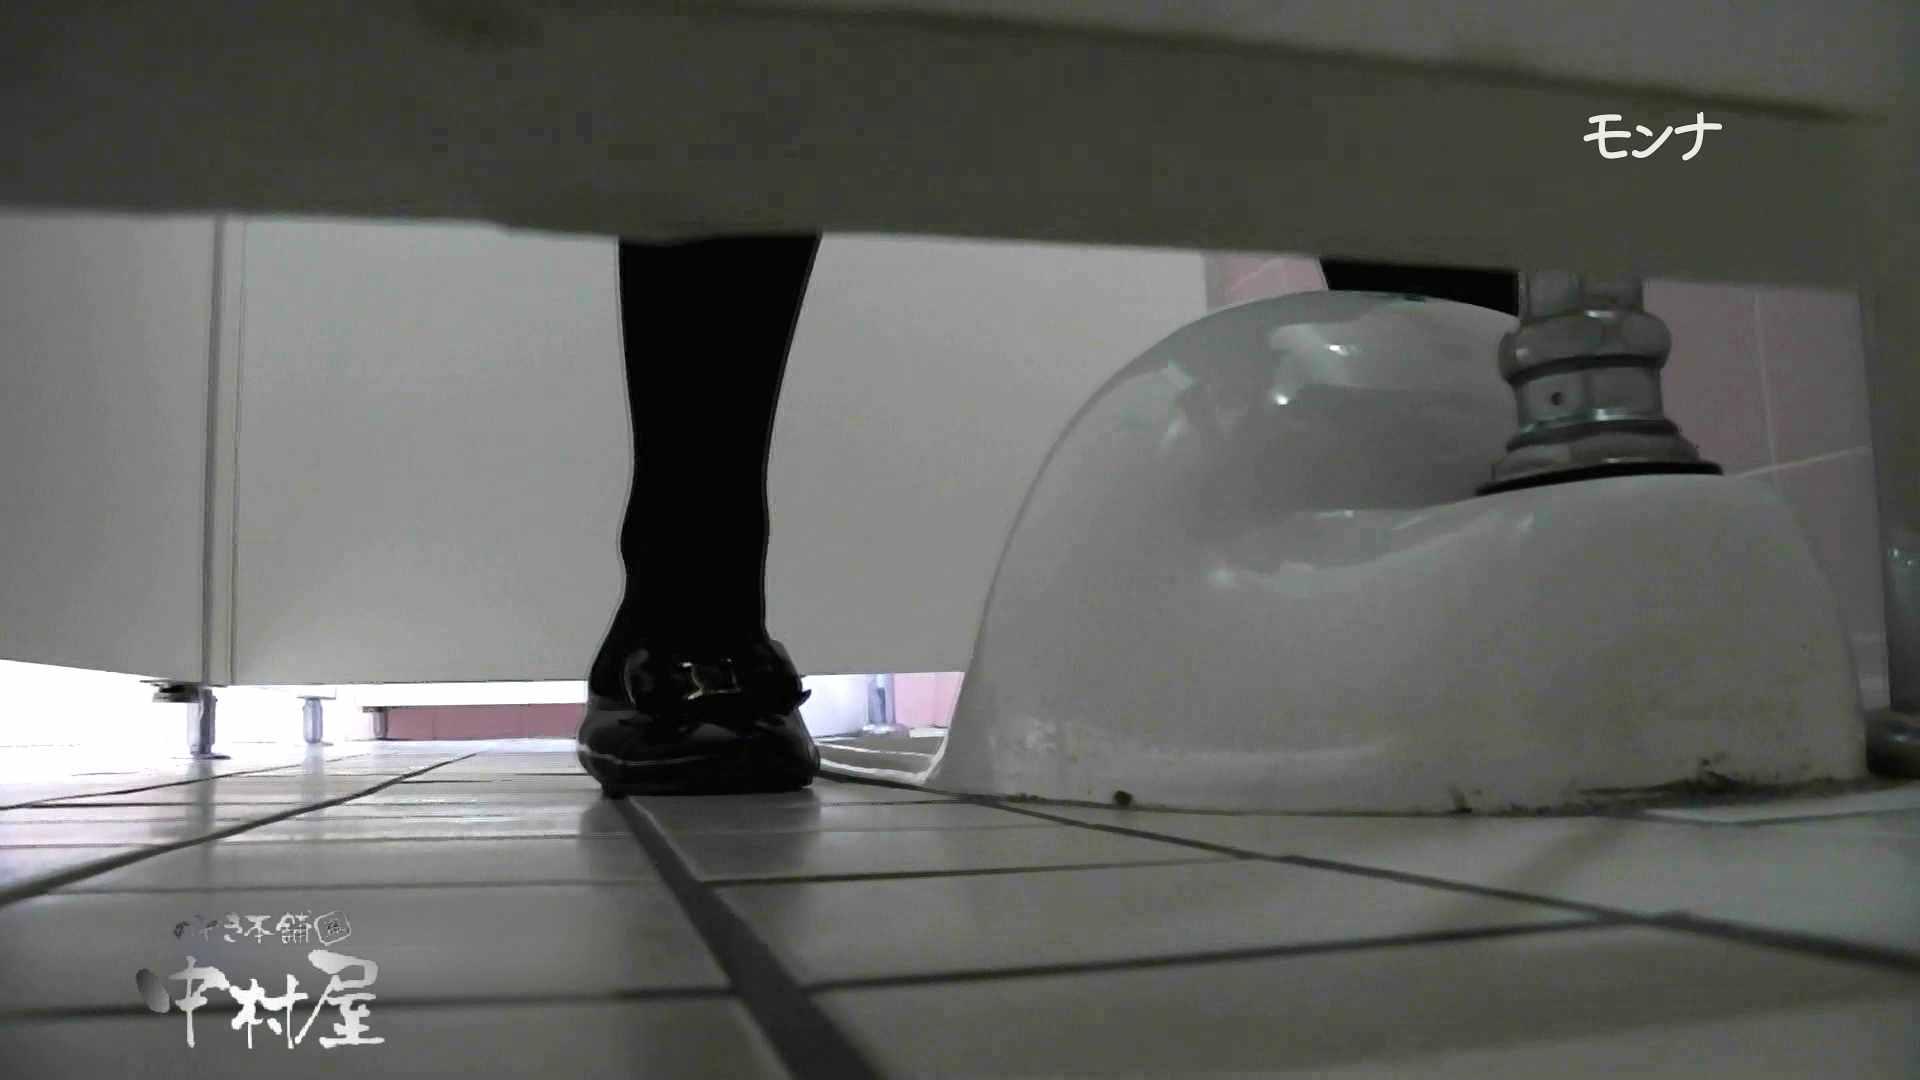 【美しい日本の未来】遂に!!戸田恵梨香似の予告モデル登場ダッシュで「大」後編 おまんこ見放題  101PIX 42